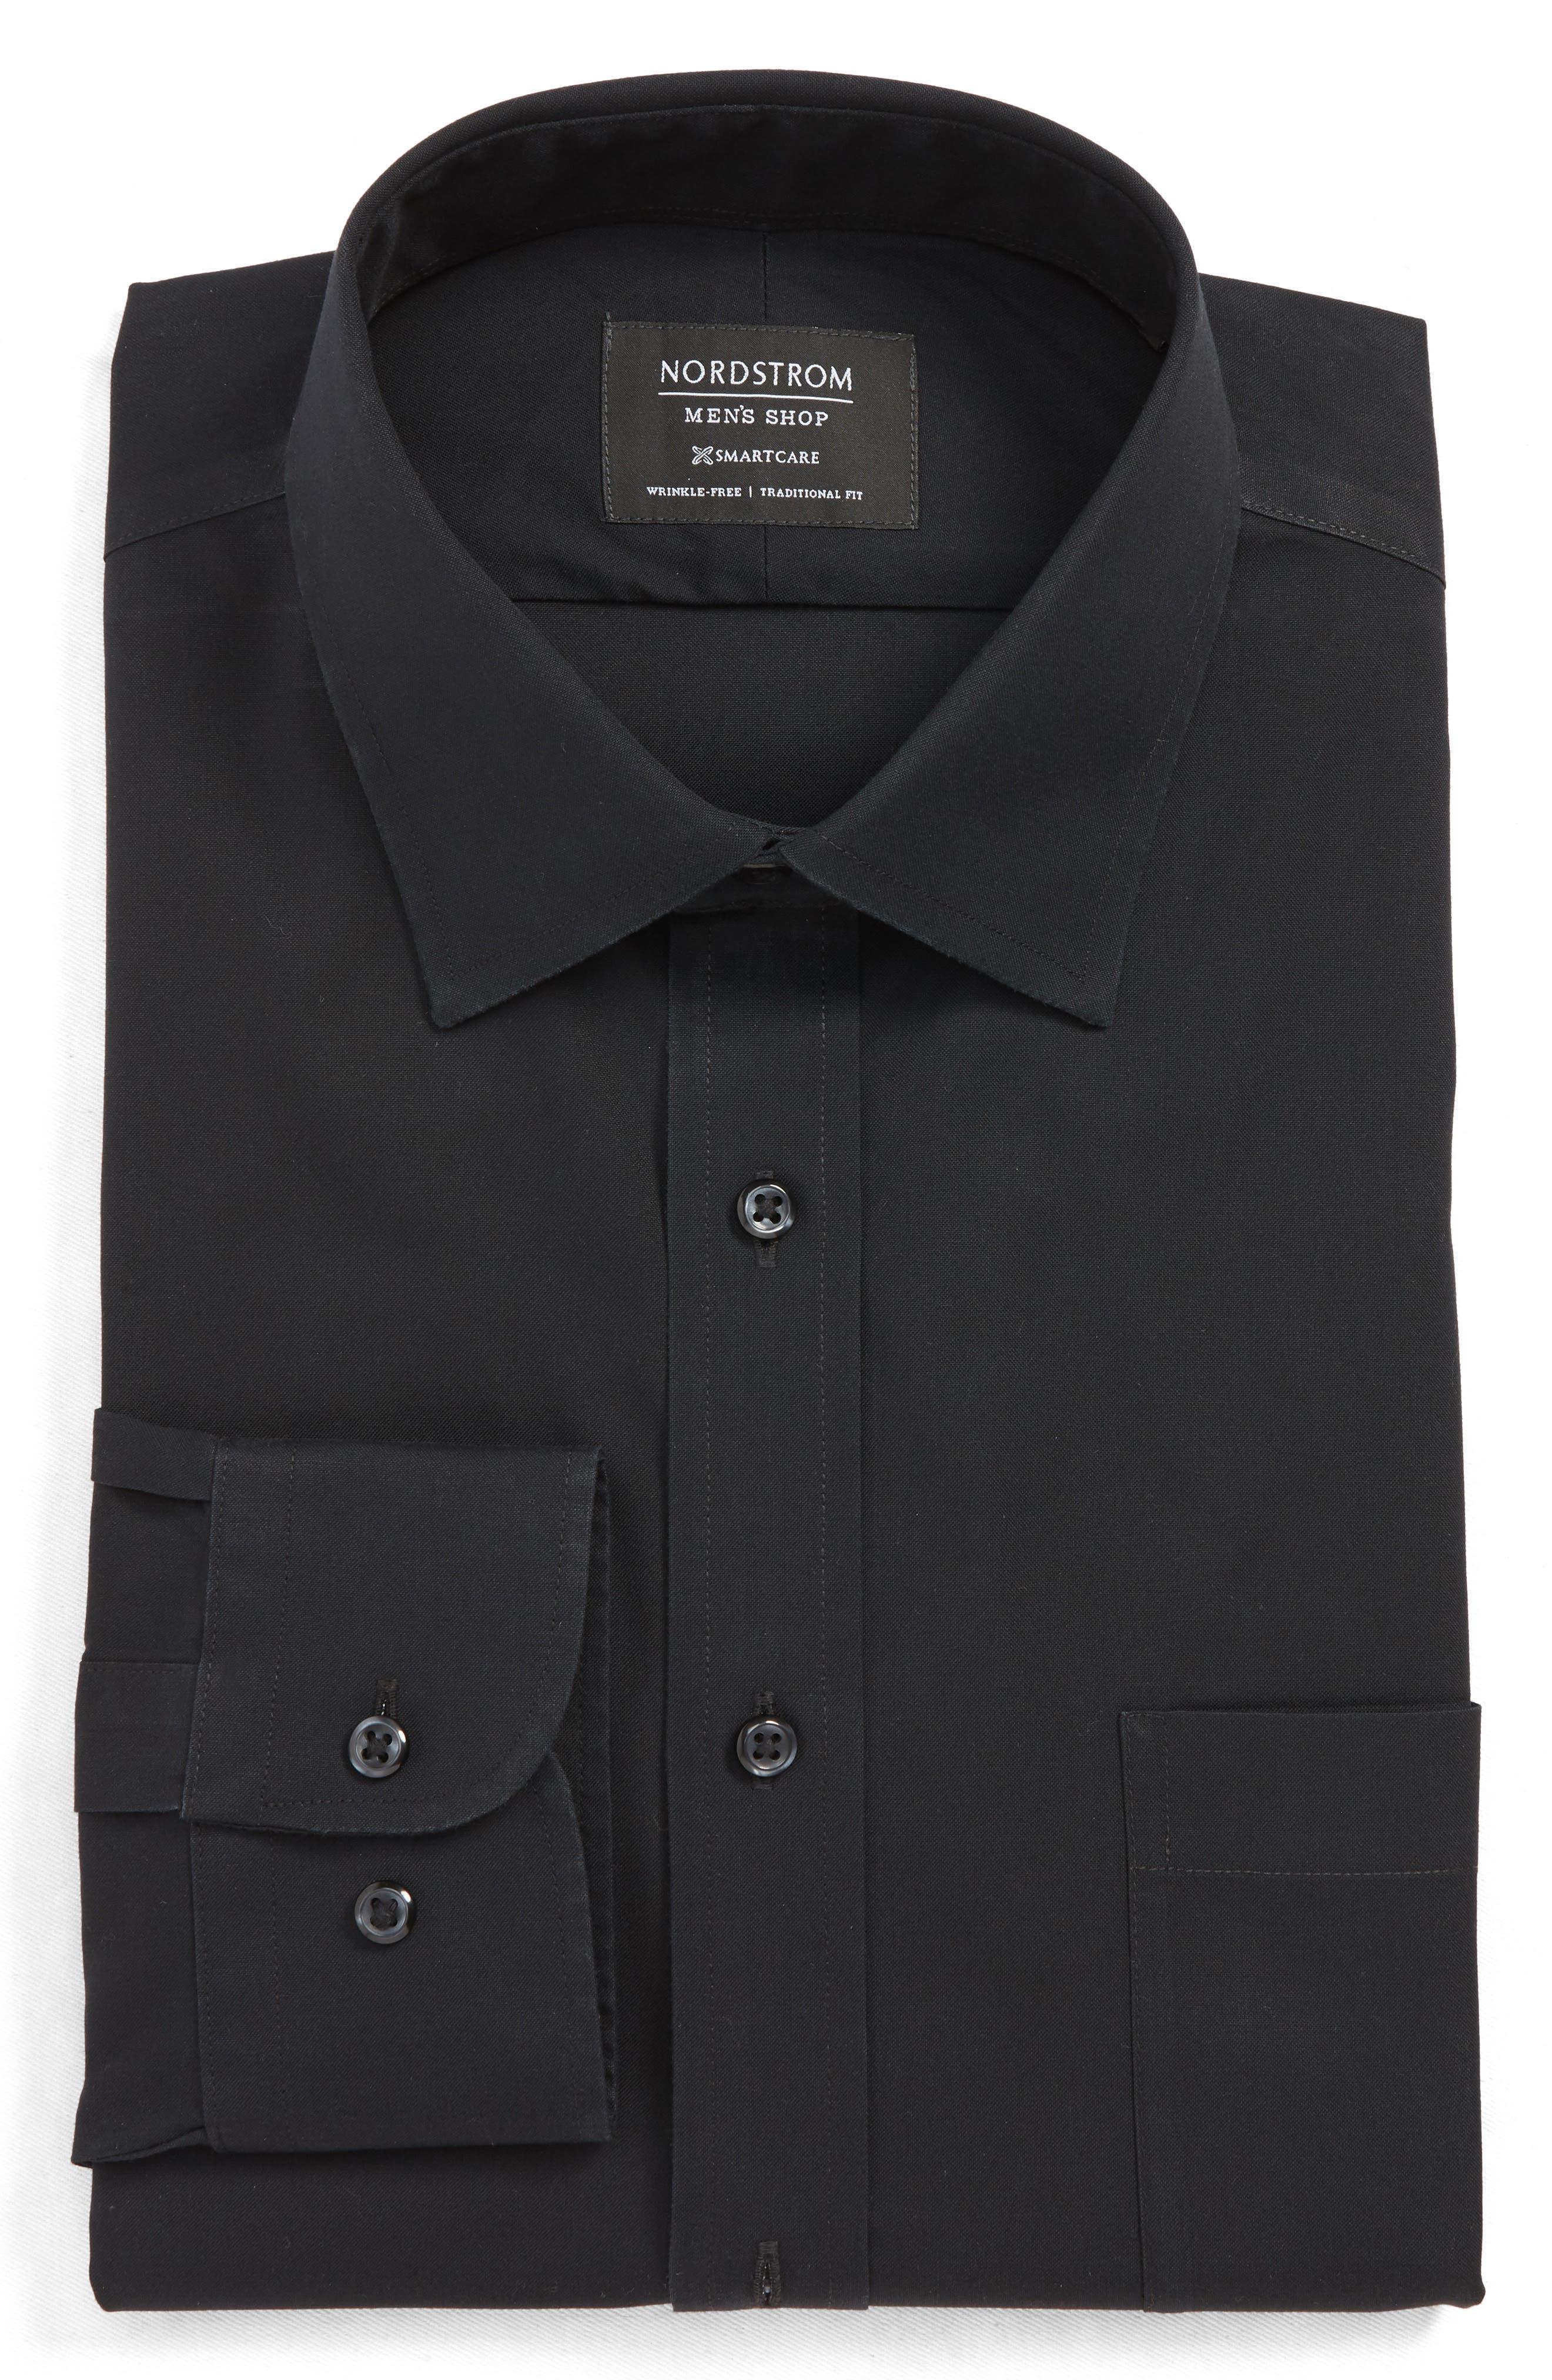 Nordstrom Shop Smartcare(TM) Traditional Fit Dress Shirt - Black